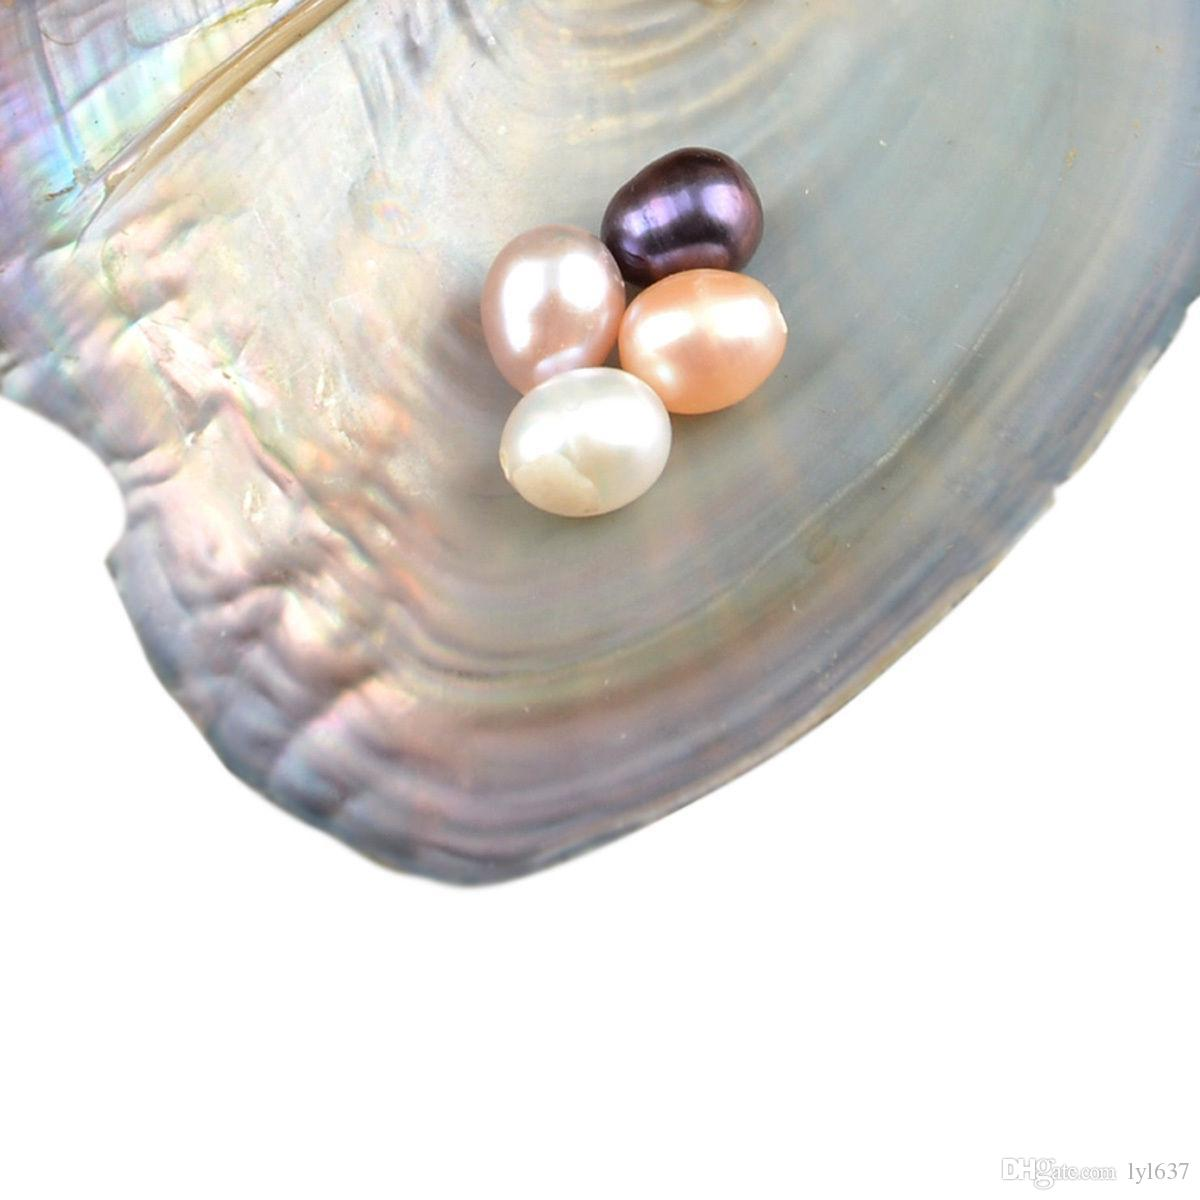 2017 Água Doce Ostra Pérola Natural Oval Rodada Pérola Solta 7-10mm DIY Decorações Do Presente Embalagem A Vácuo Atacado Rosa Branca Purpel Preto